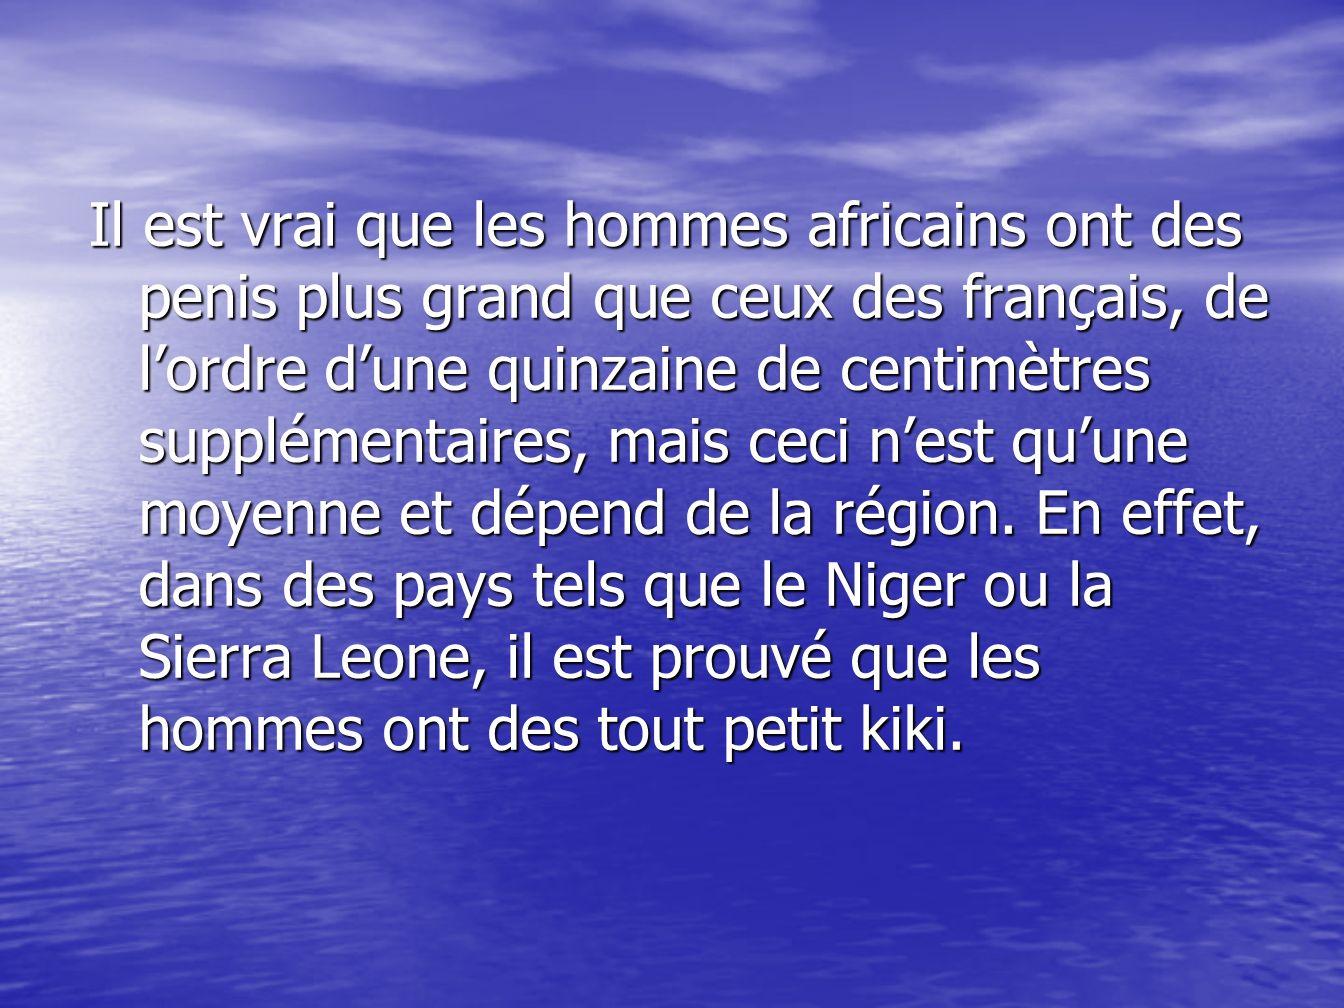 Les hommes de ces régions sont dailleurs reconnus par tous lorsquils vont dans dautres pays, car étant donné que les africains se baladent tout le temps tout nus, on voit la petite taille de leur sexe.